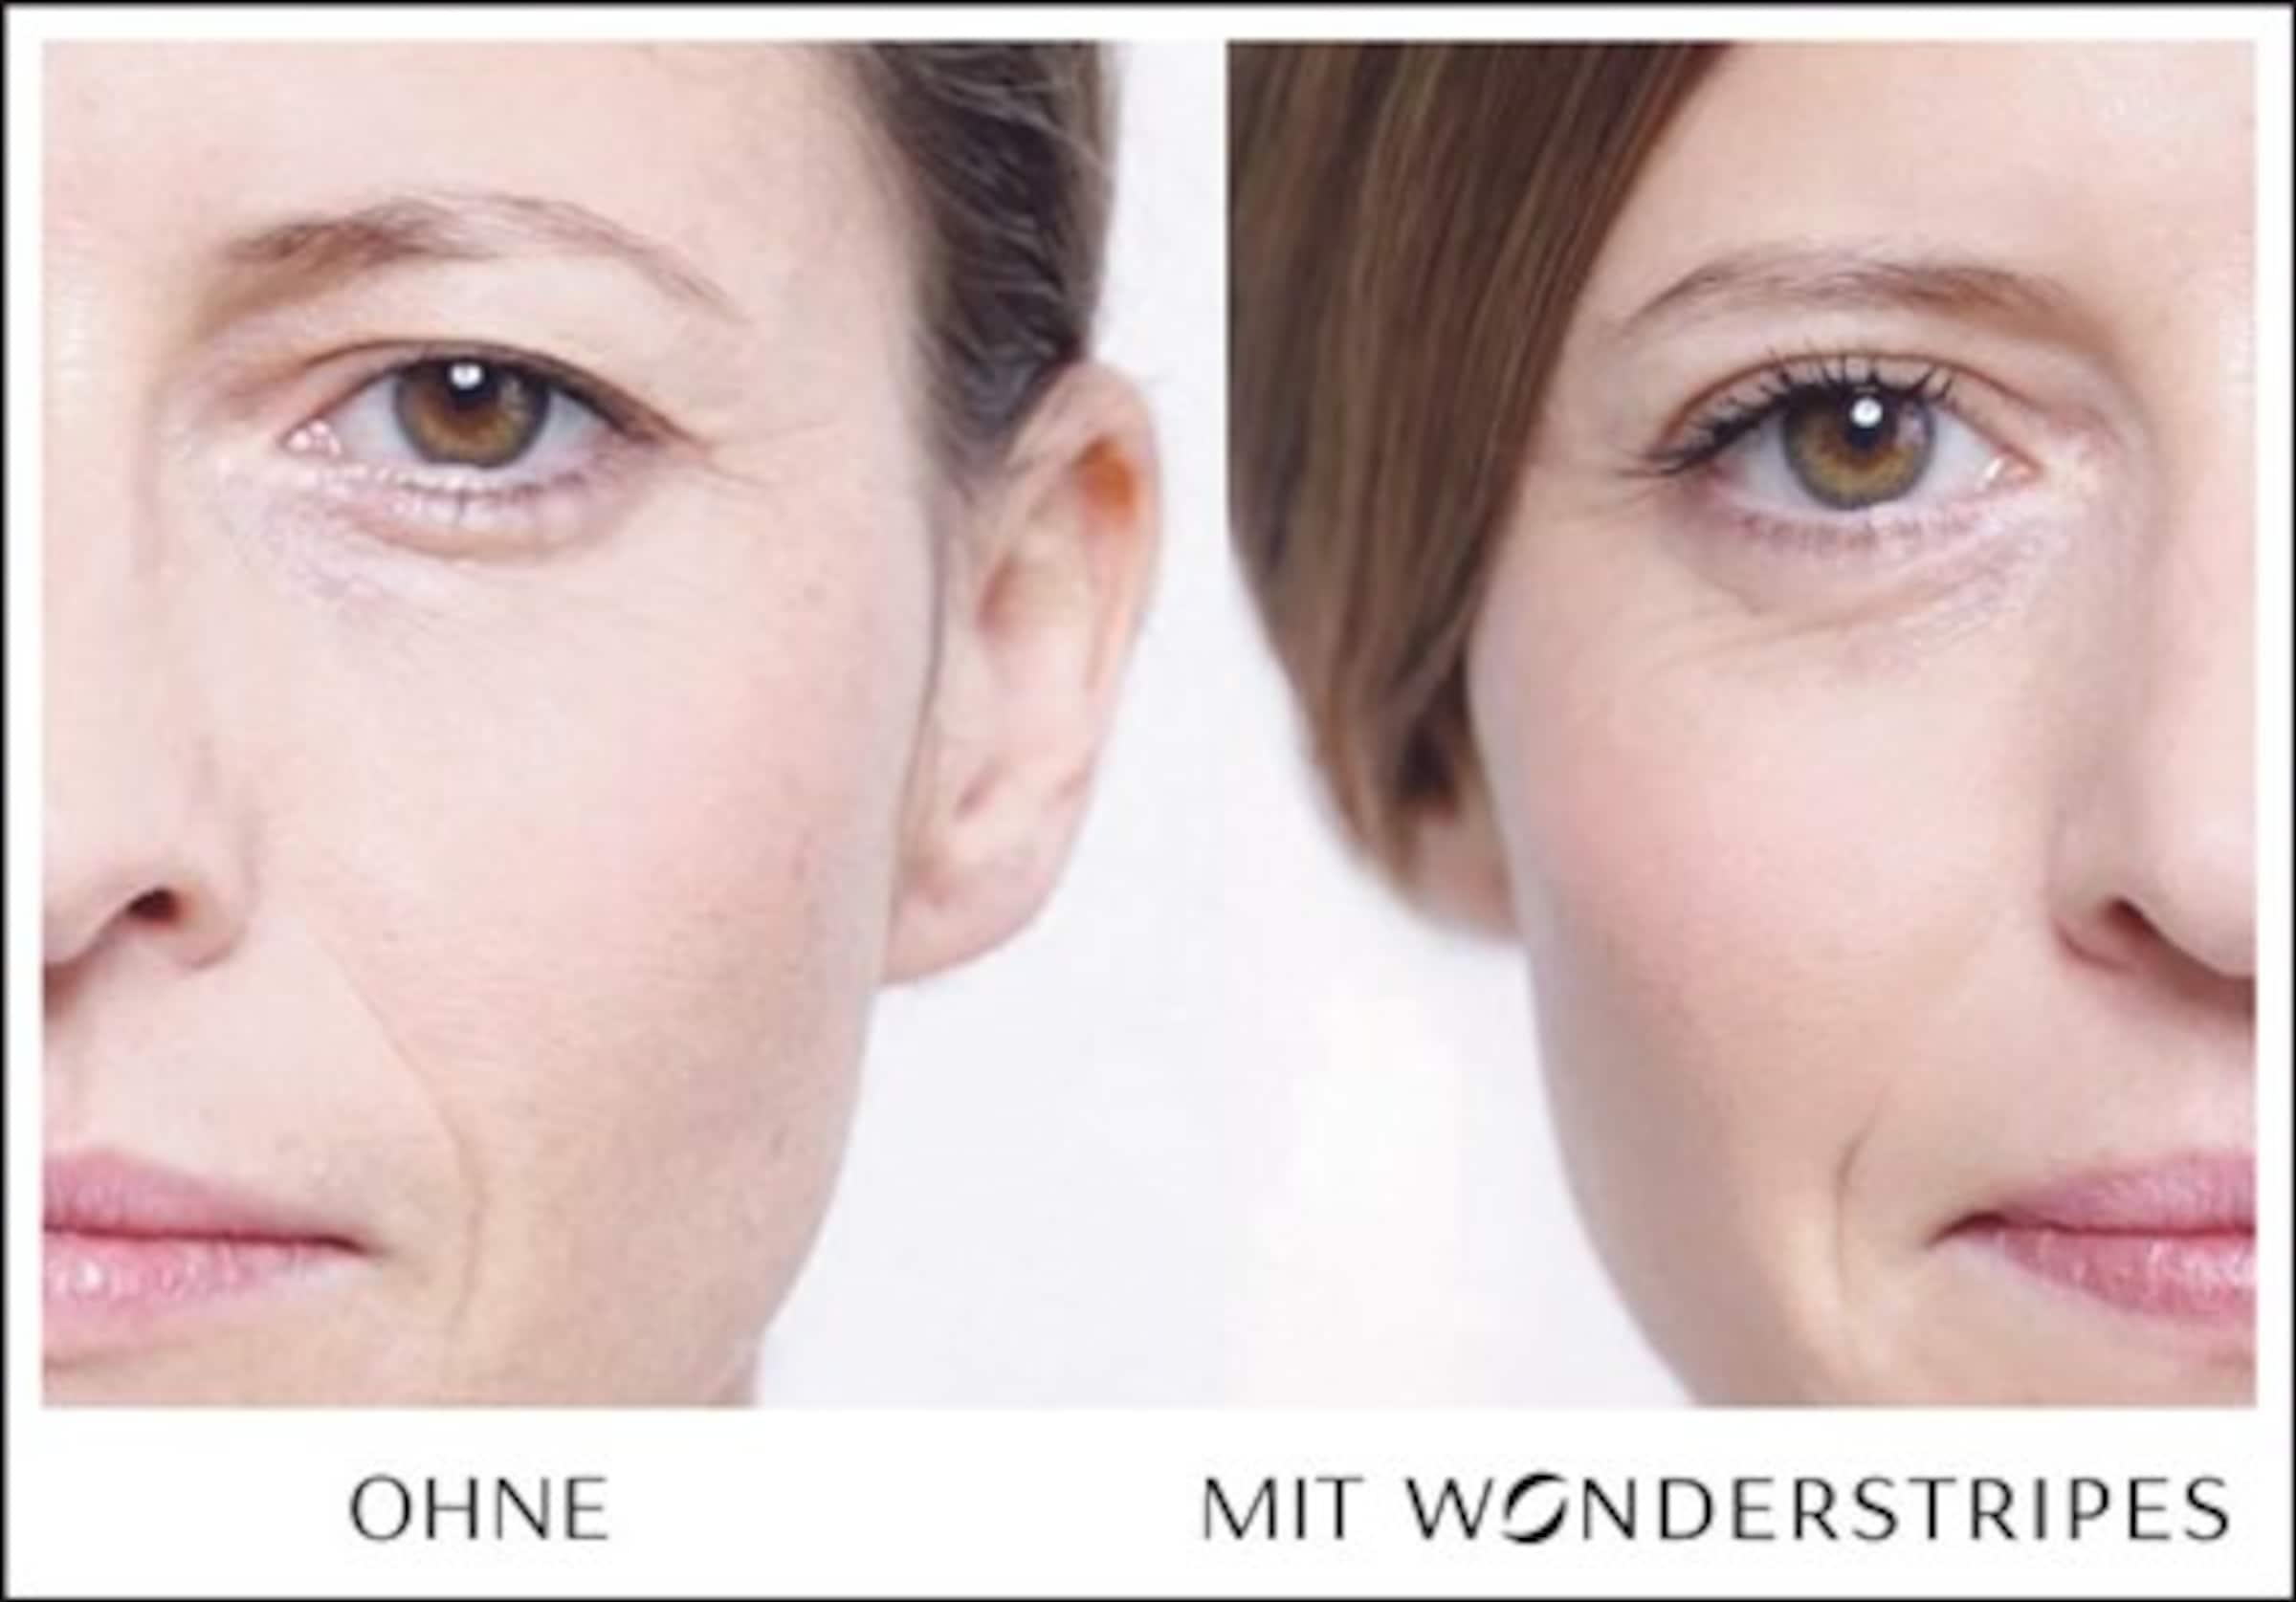 WONDERSTRIPES 'Kombi-Packung' Augenlid-Korrektur Pflaster in 3 verschiedenen Größen Empfehlen Günstigen Preis yscvOubyS